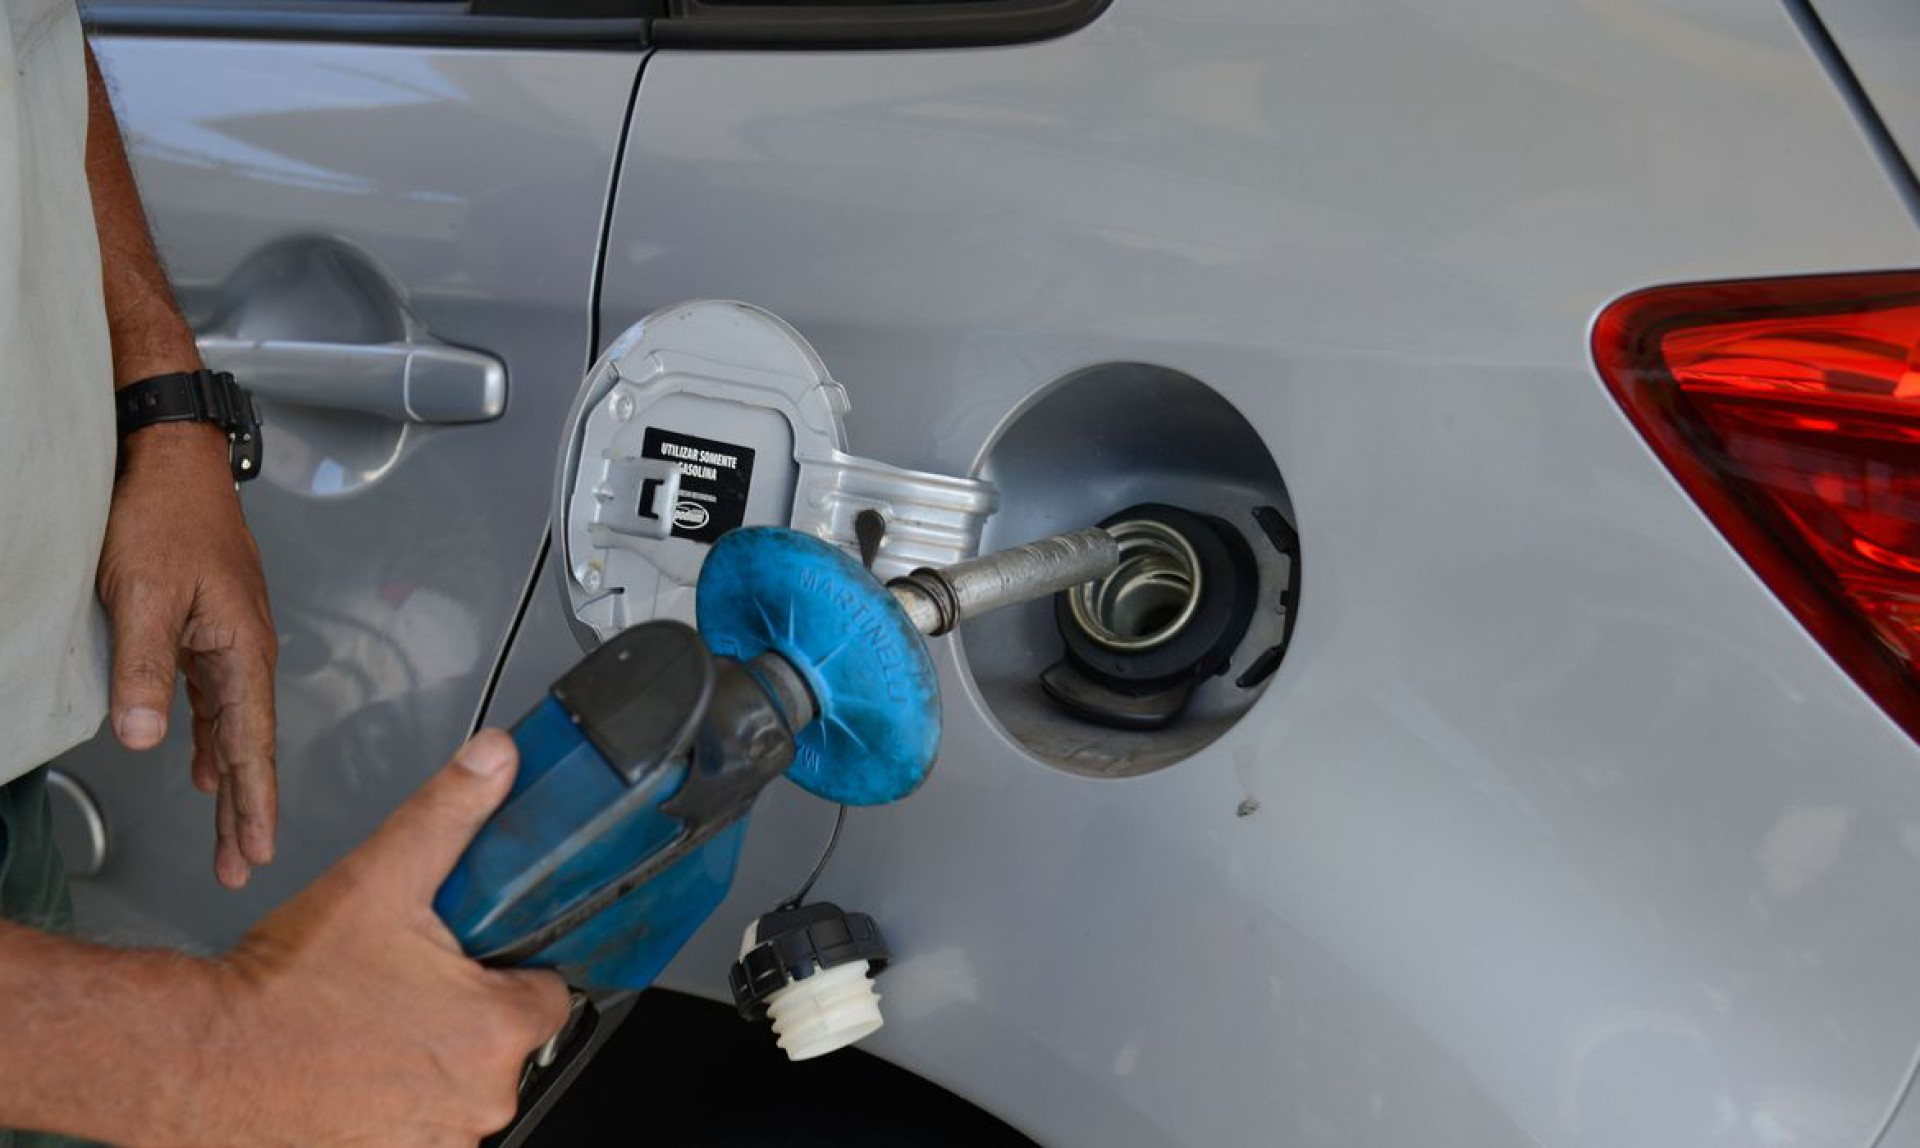 O preço médio do etanol no Ceará equivale hoje a 87% do preço médio da gasolina no Estado  (Foto: Tomaz Silva/Agência Brasil)